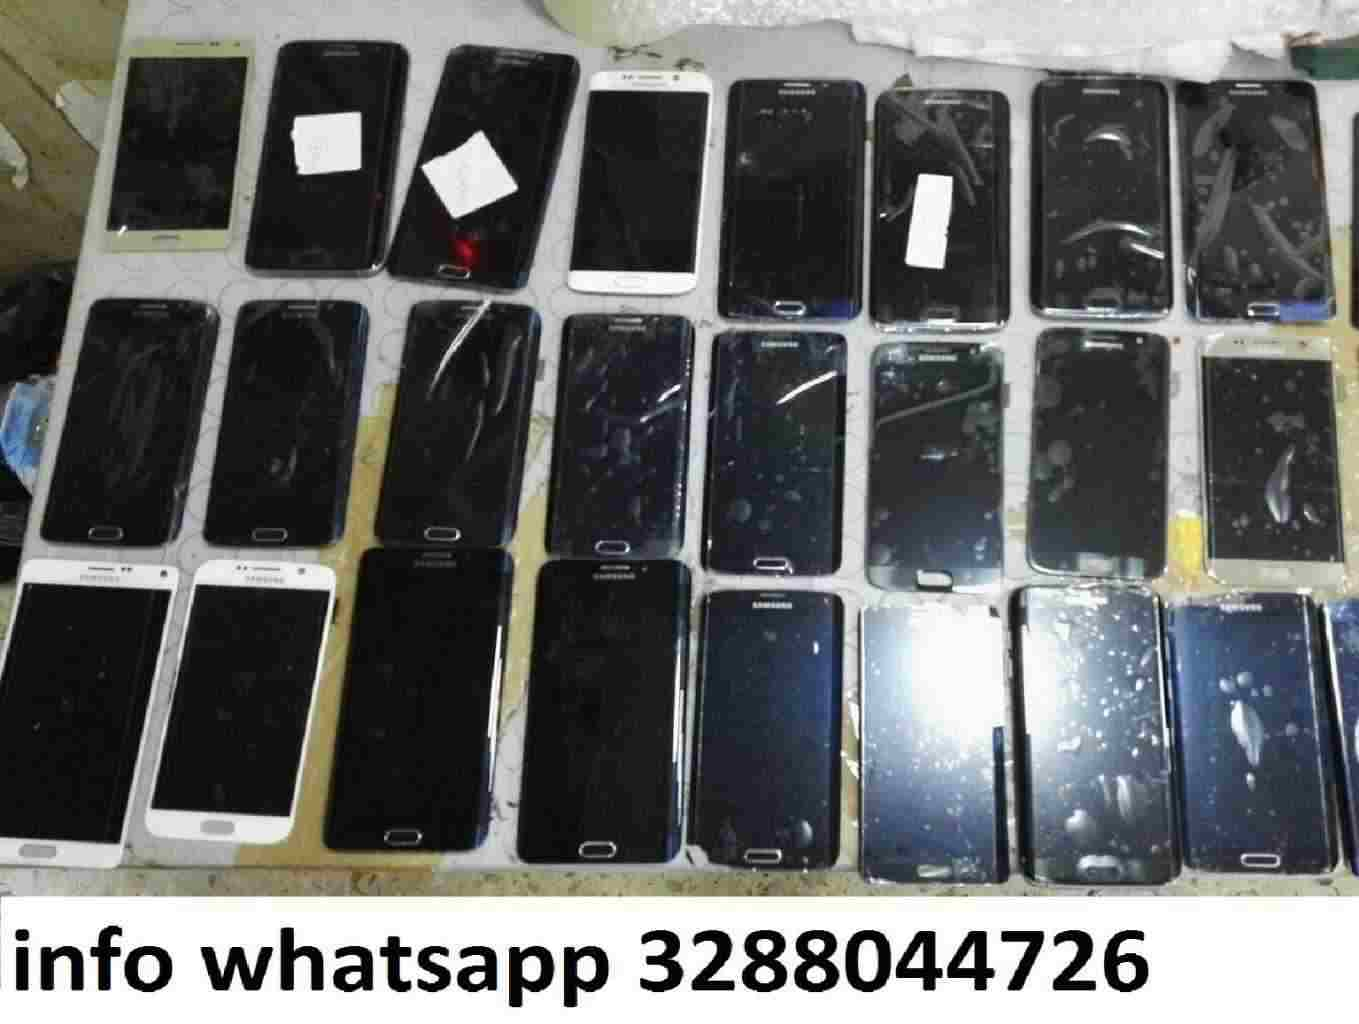 LCD S3 S45 S5 S6 S7 EDGE J2 J3 J5 J7 A3 A5 A7 HUAWEI ASUS ZEFONE IPHONE NOKIA LUMIA LG